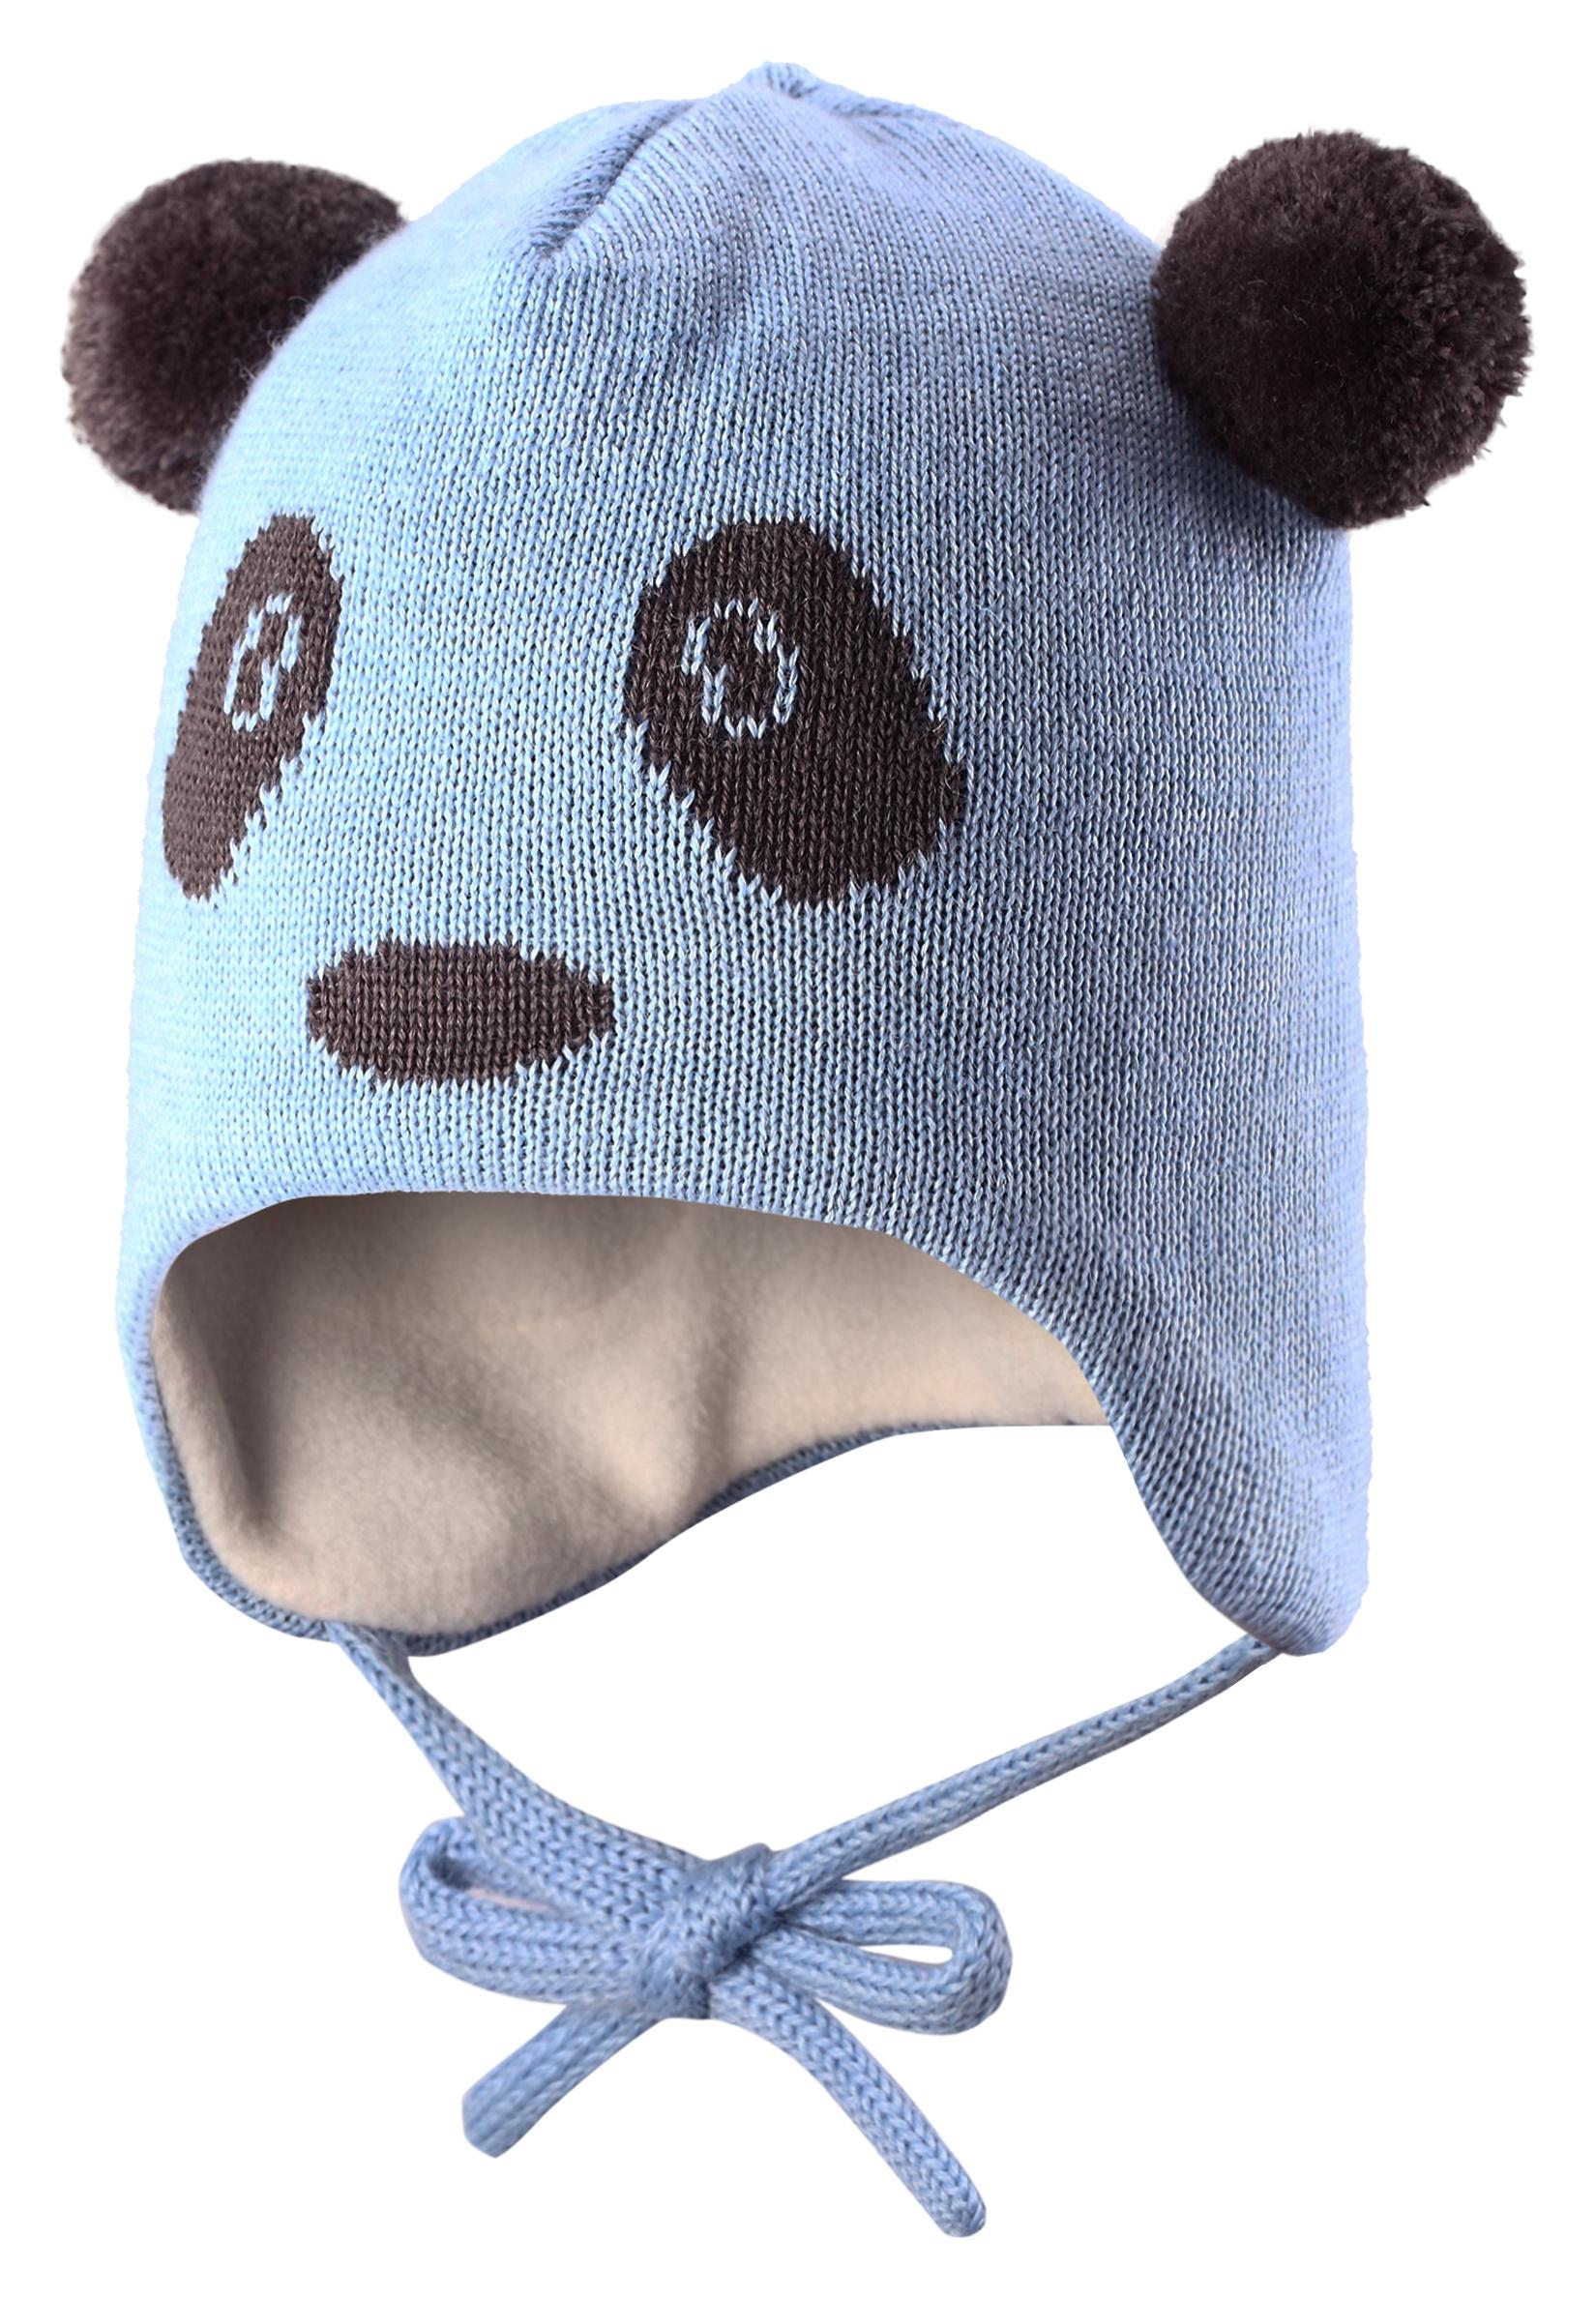 Купить Головные уборы, Шапка для мальчика Reima, светло-голубая, Lassie, Китай, светло-голубой, Мужской